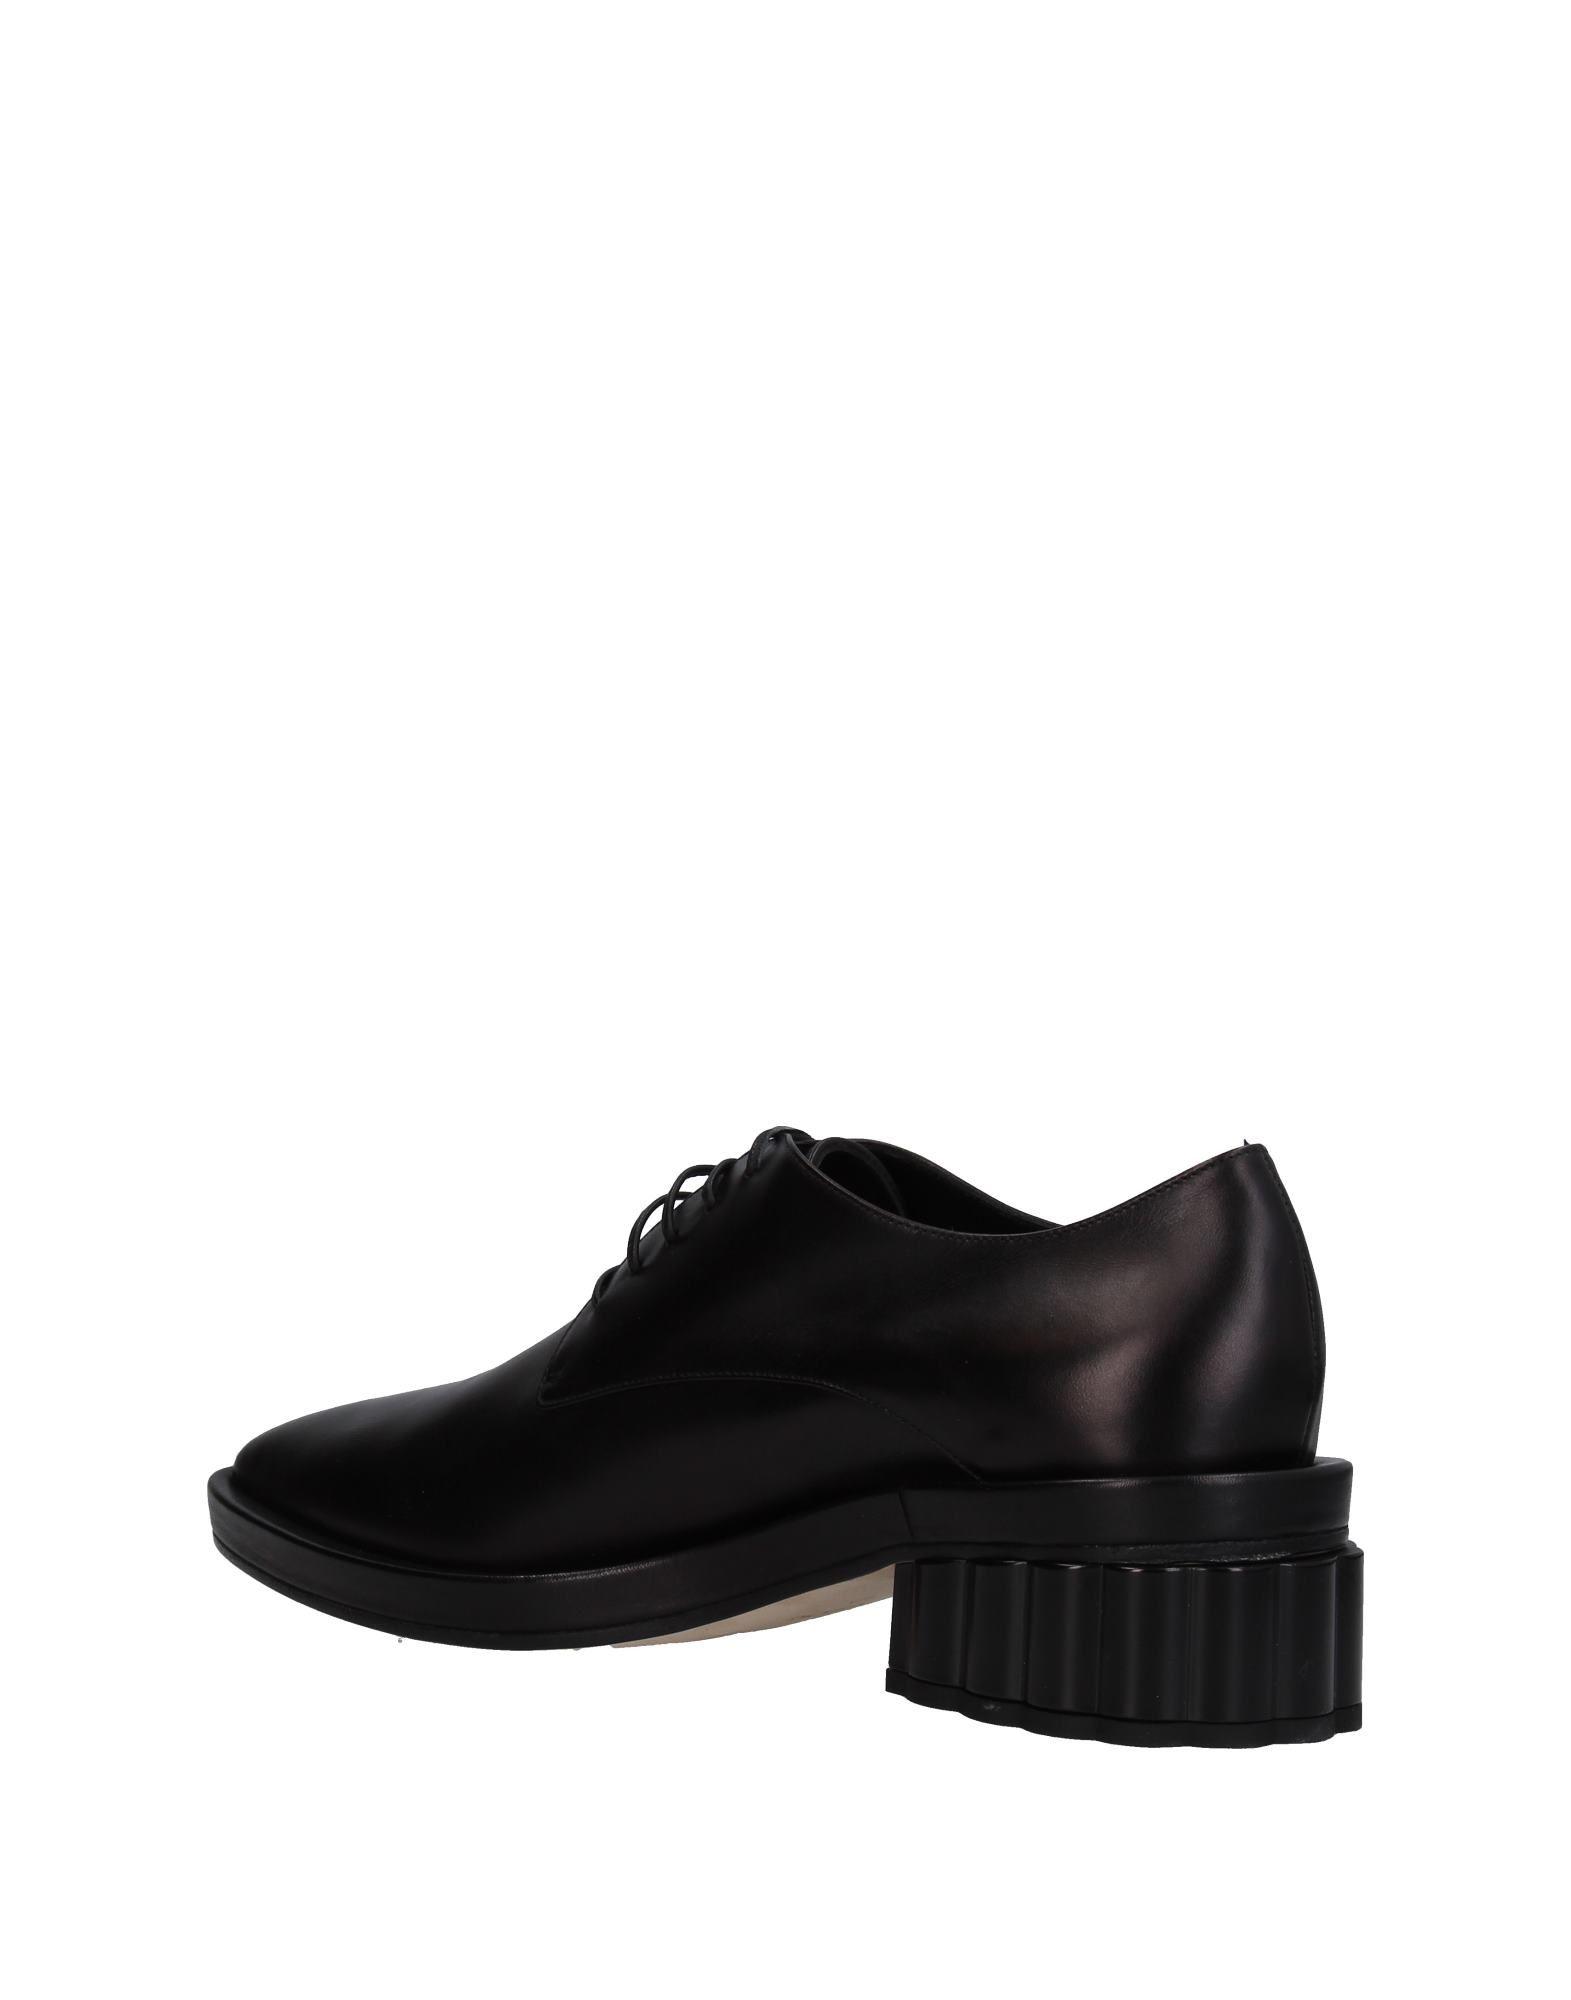 Chaussures À Lacets Simone Rocha Femme - Chaussures À Lacets Simone Rocha sur